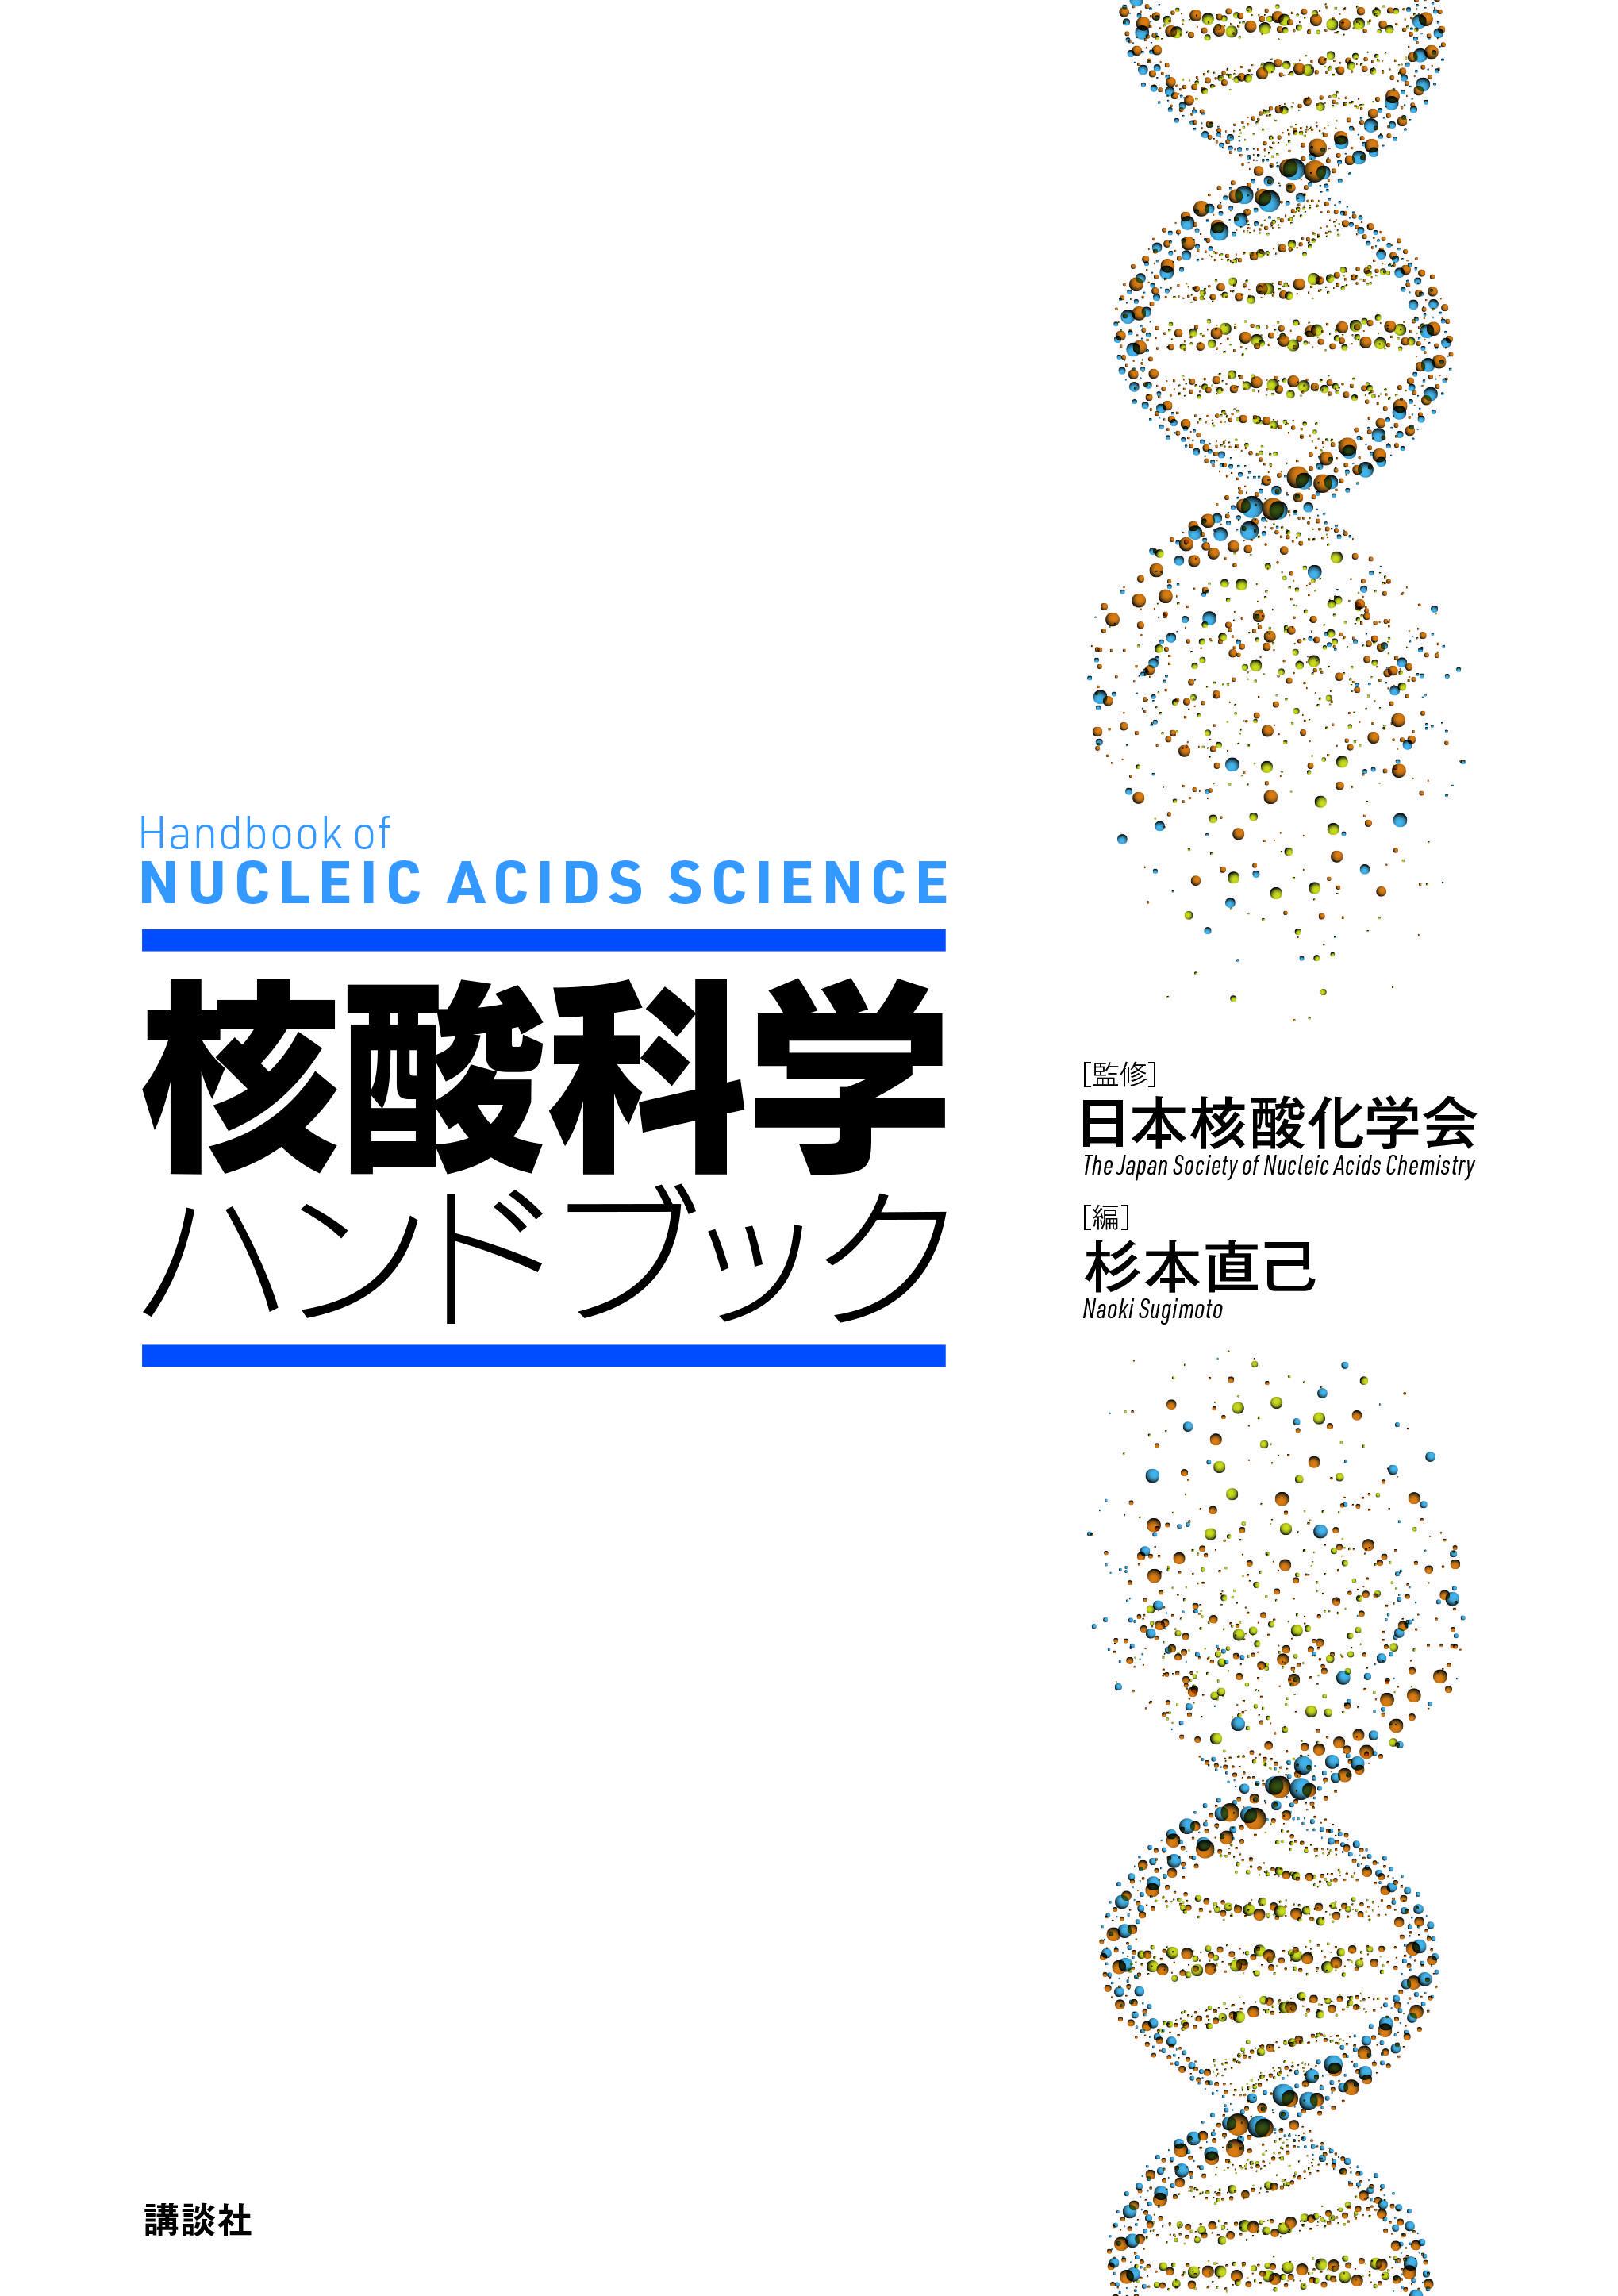 核酸科学ハンドブック